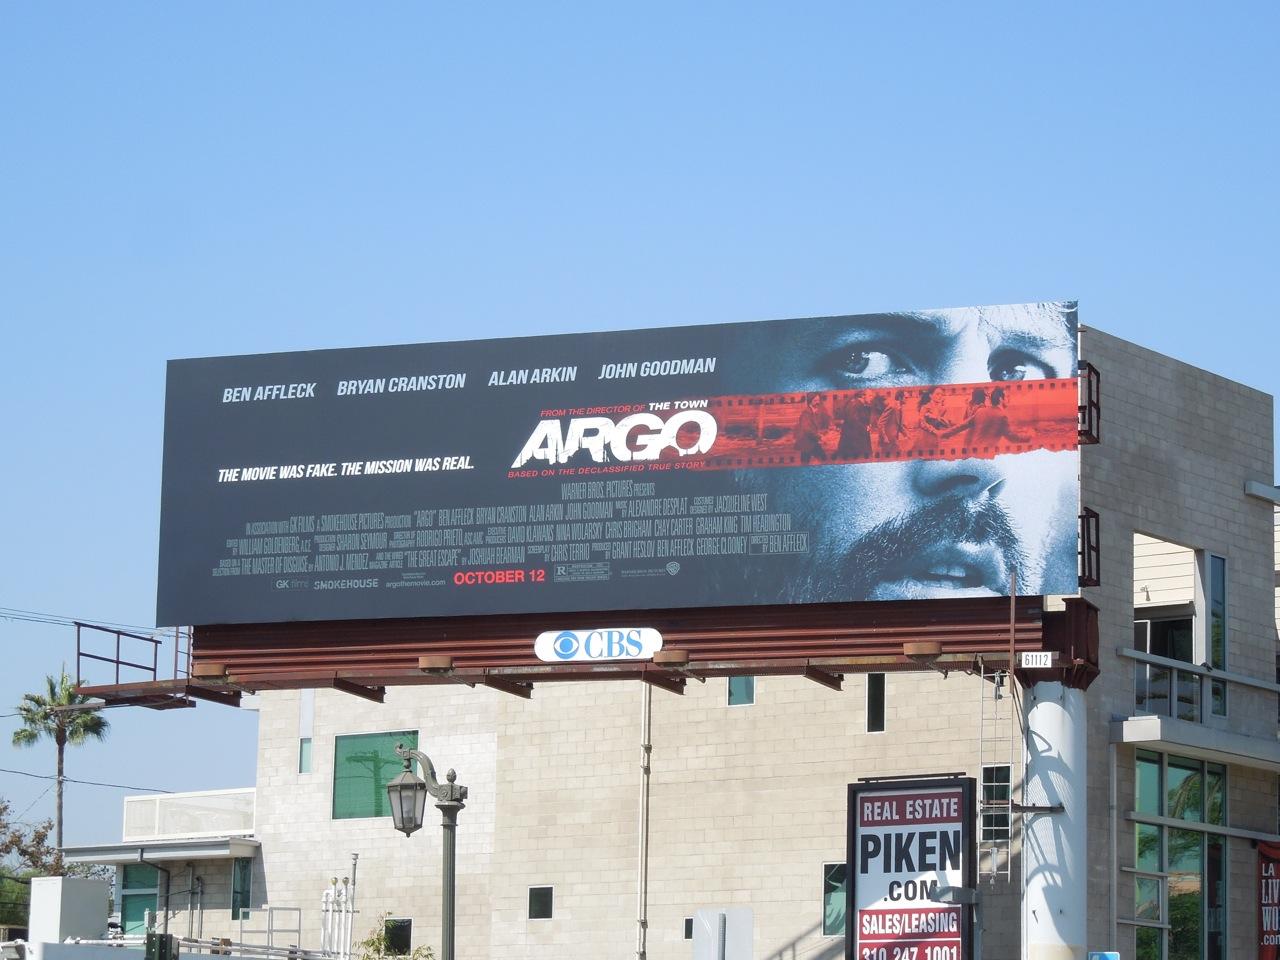 http://3.bp.blogspot.com/--7vX5EmNfWI/UGTNNcowMAI/AAAAAAAA1EI/RvwhVwHAWu8/s1600/Argo+film+billboard.jpg